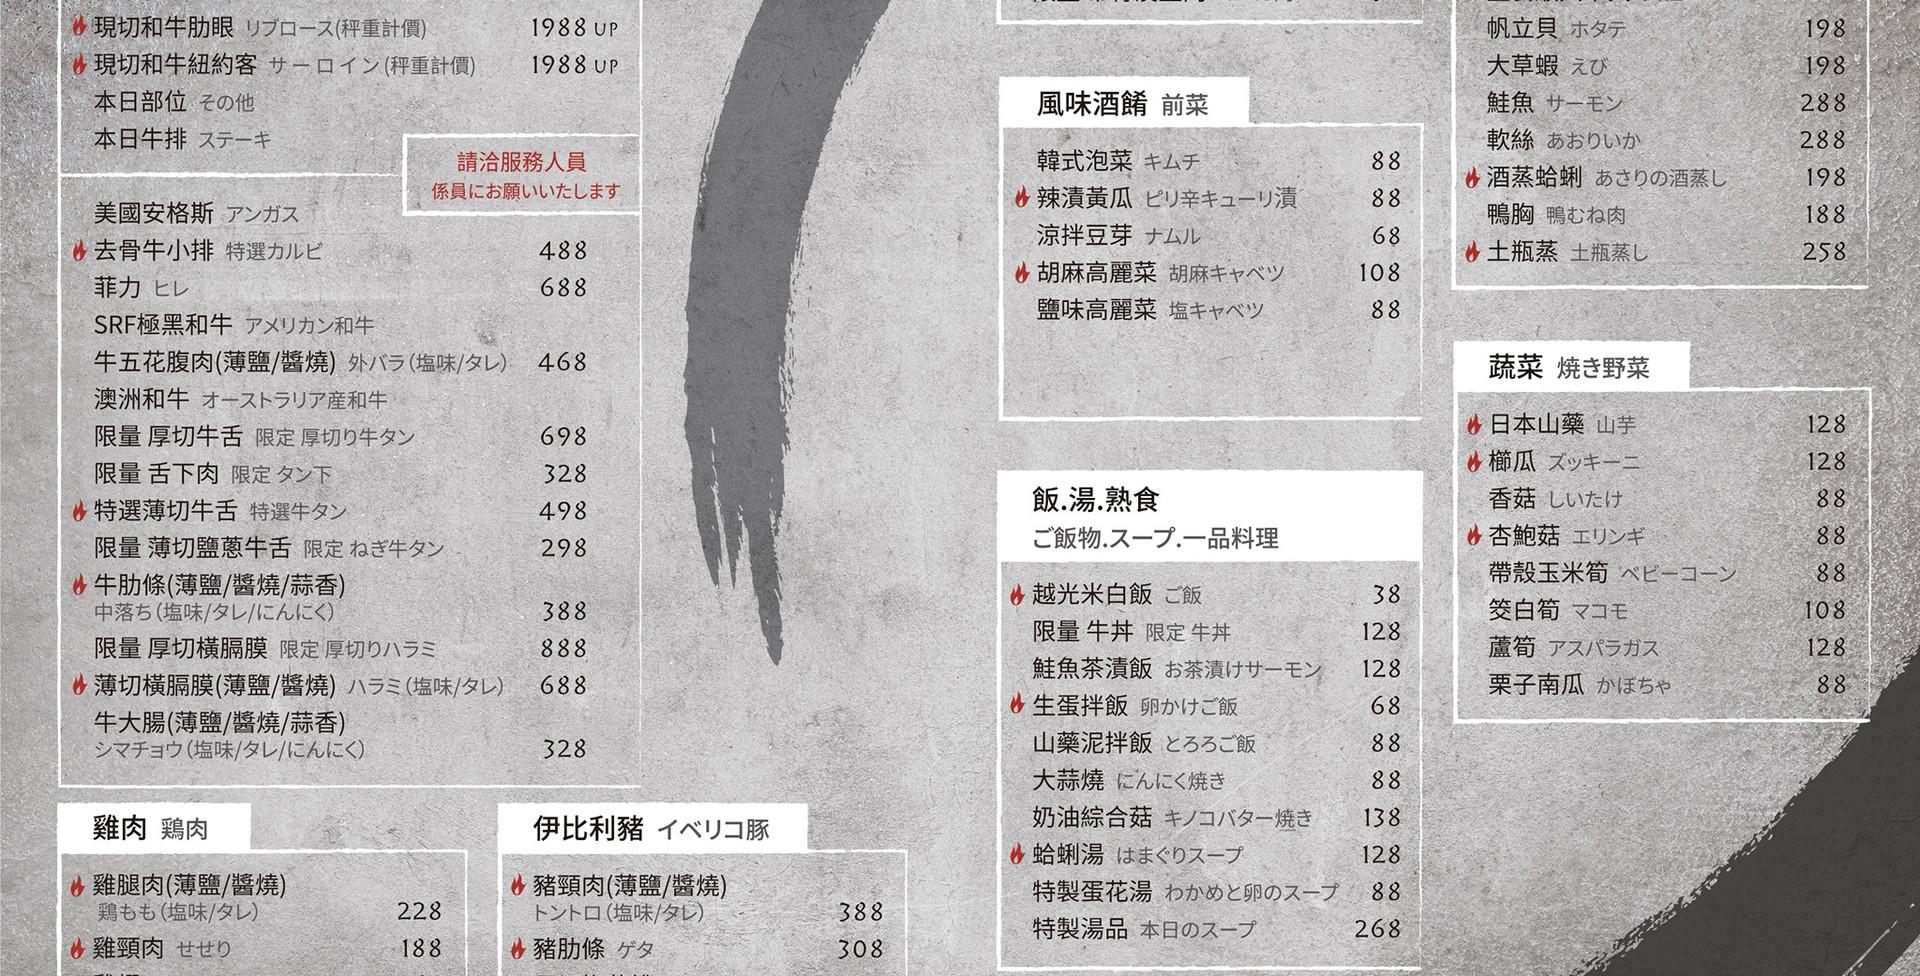 知火_MENU(中日)_P1.jpg